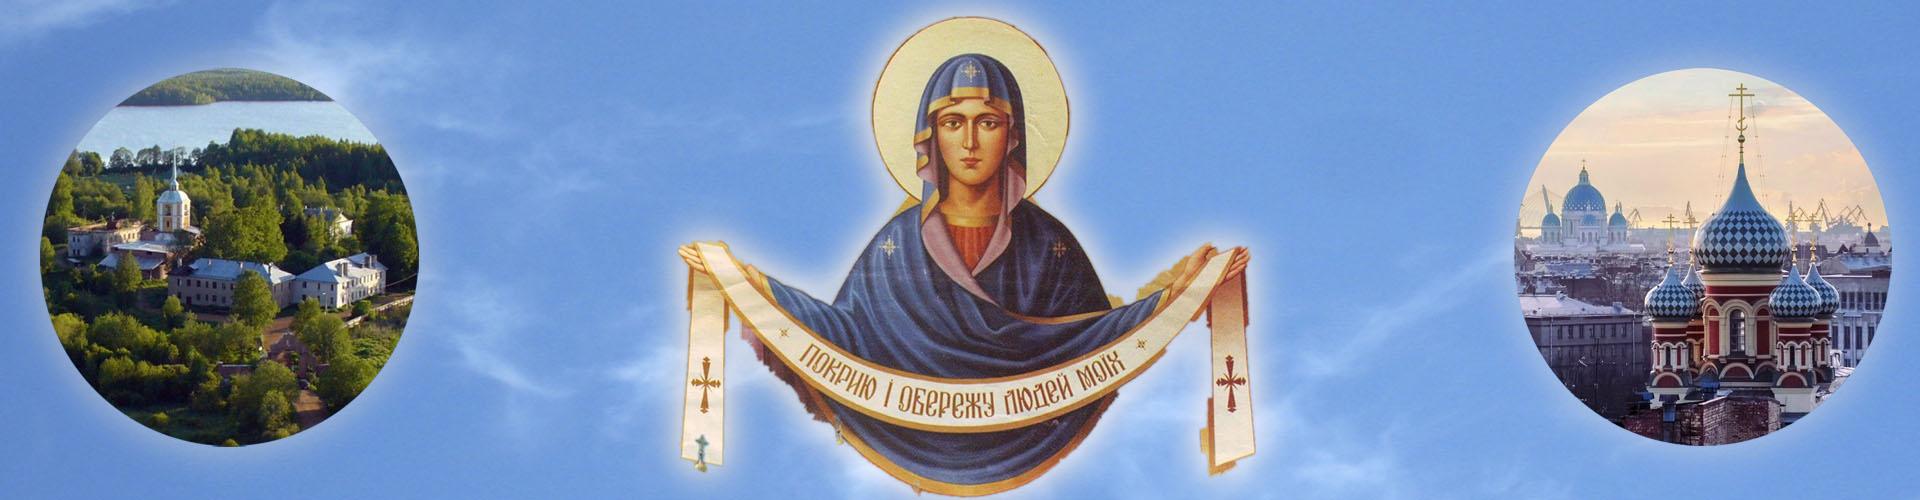 Церковь Покрова Пресвятой Богородицы на Боровой